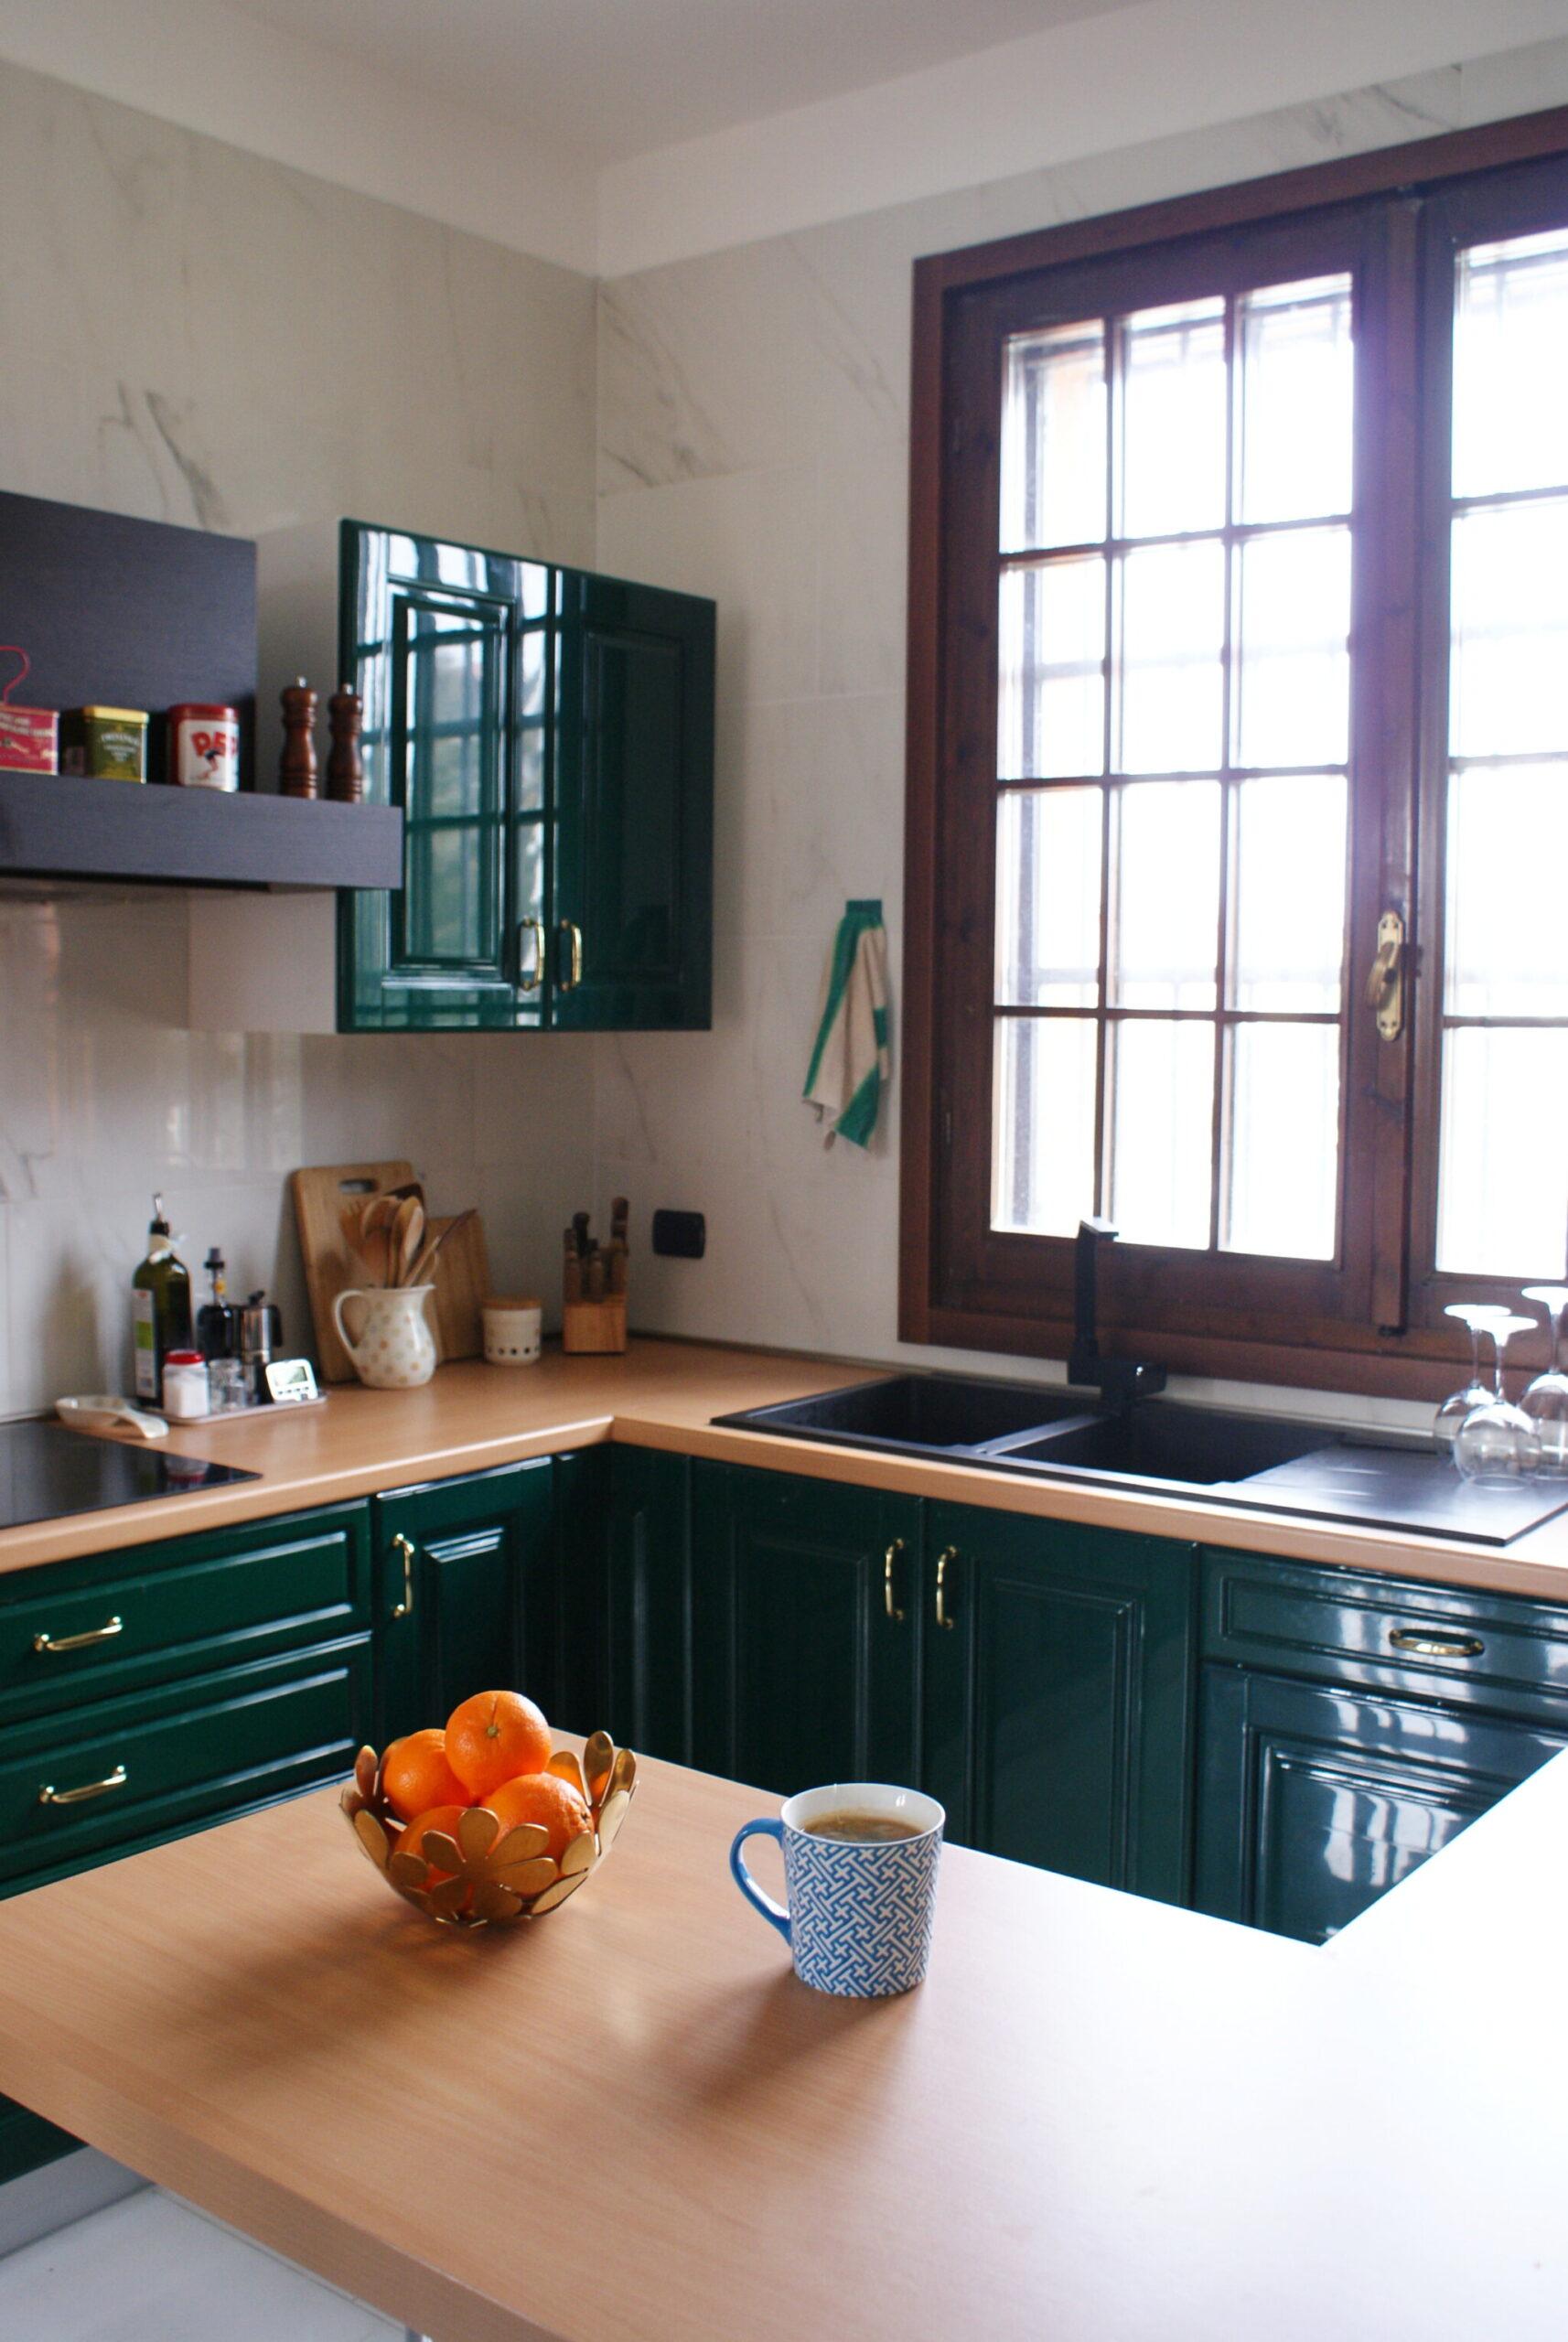 how declutter organize kitchen minimalist tips ulimate come organizzare riordinare cucina minimalista consigli francinesplaceblog